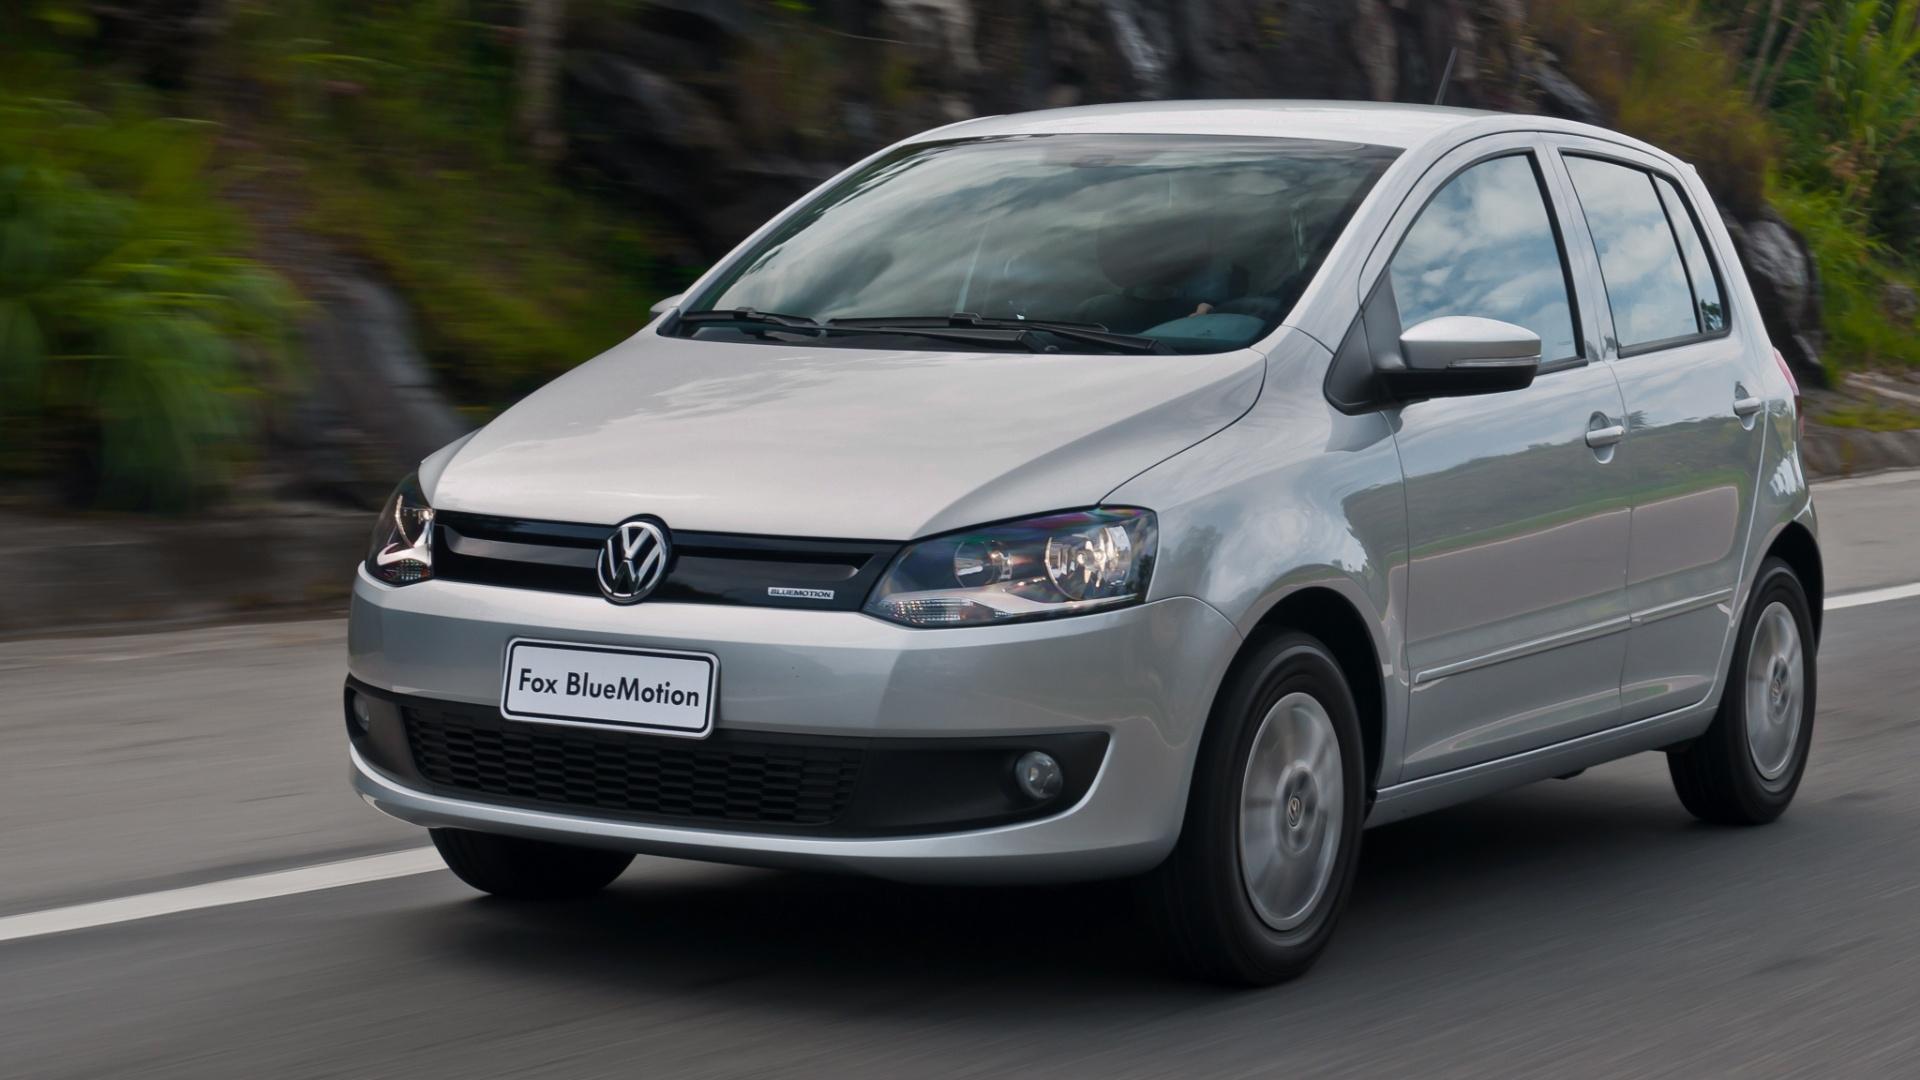 Volkswagen Fox BlueMotion faz 21,3 km l em condições favoráveis -  27 04 2012 - UOL Carros 45e975a5d8